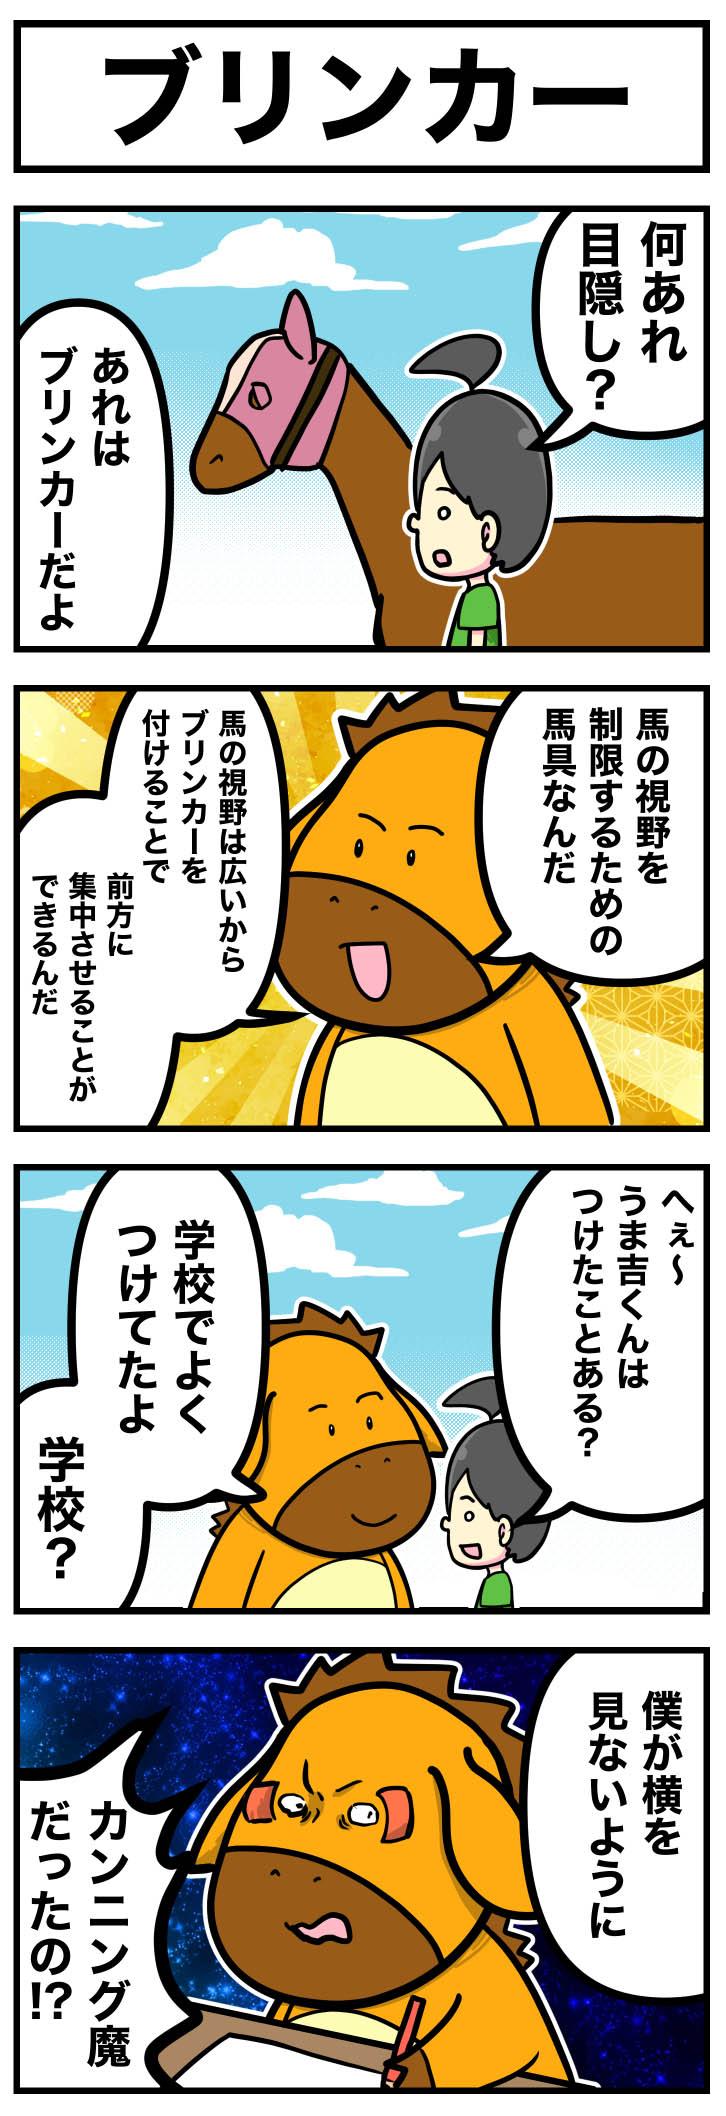 ブリンカー【うま吉の鉄板穴馬マンガ】